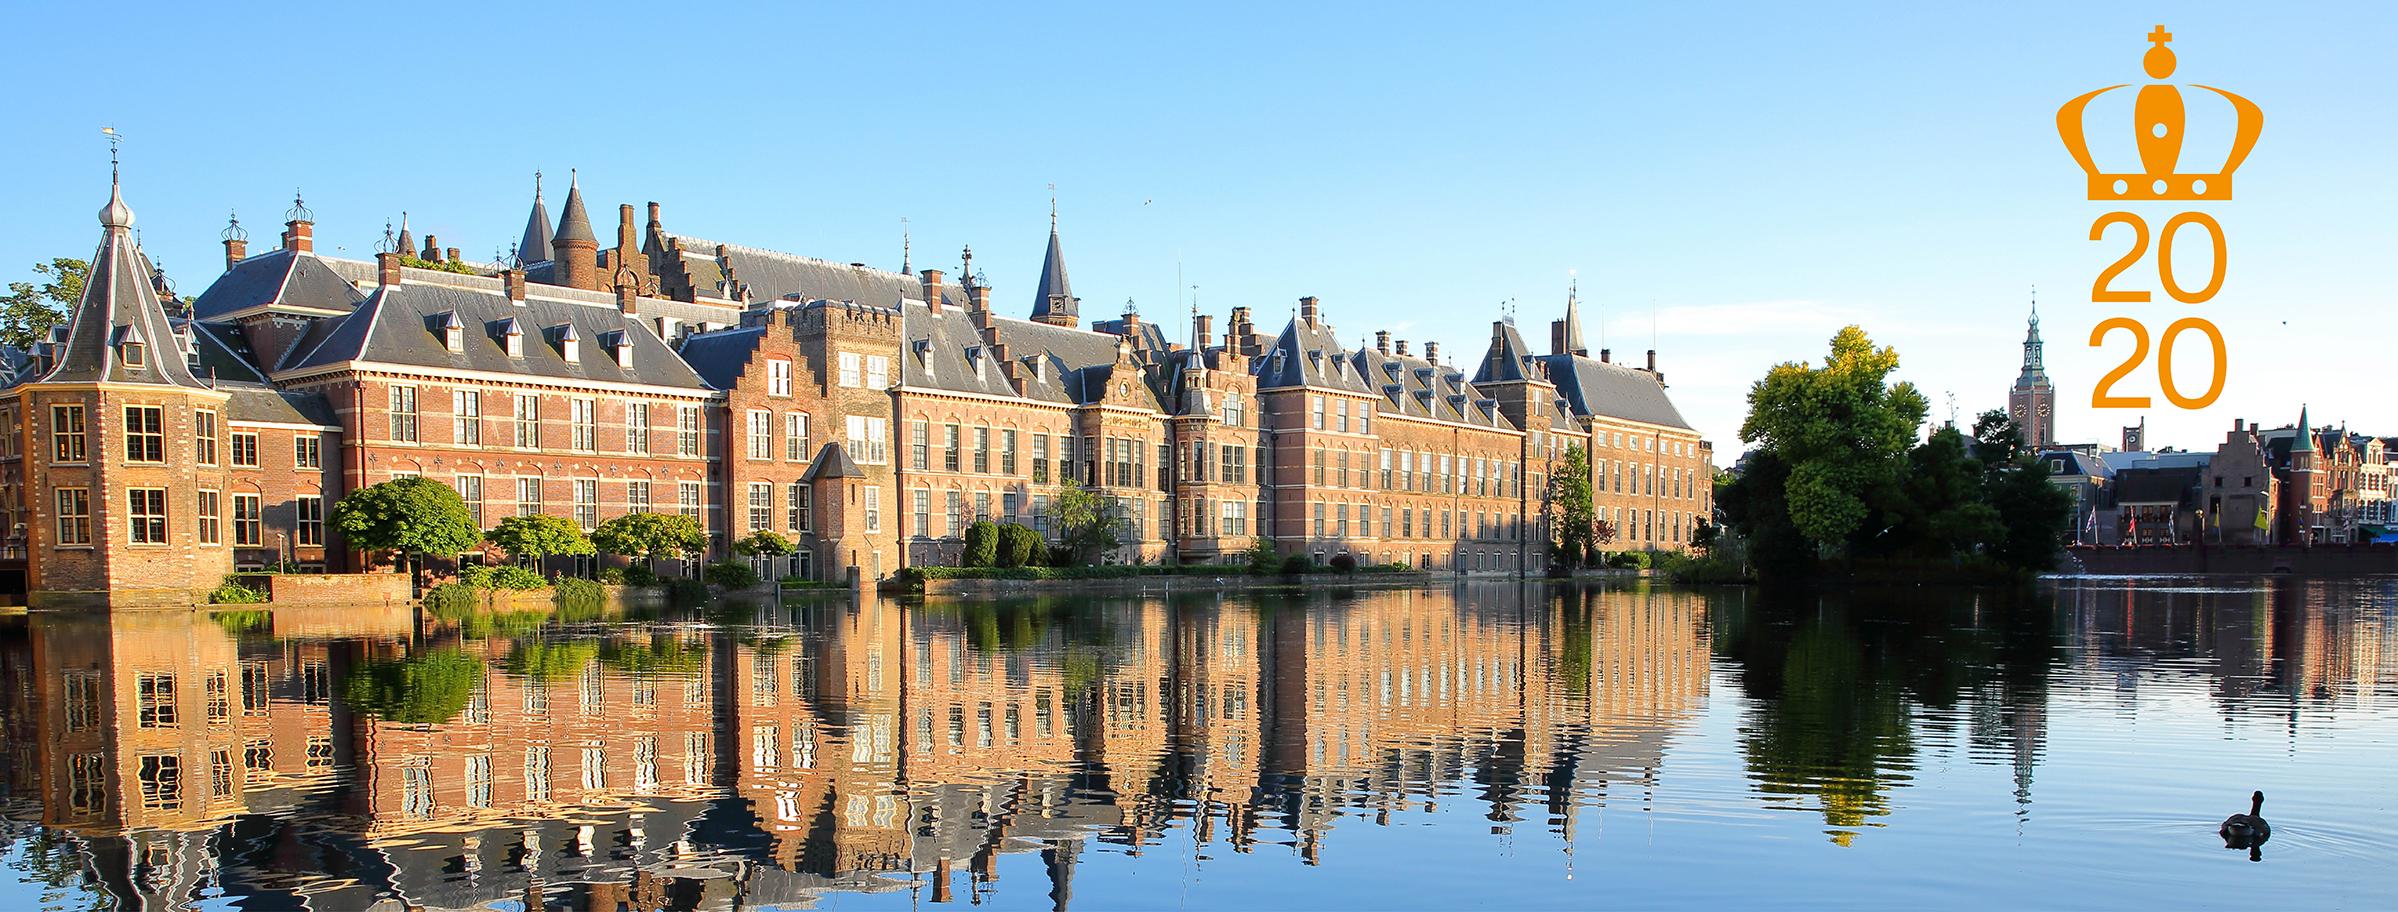 Binnenhof, Hofvijver en Grote Kerk Den Haag